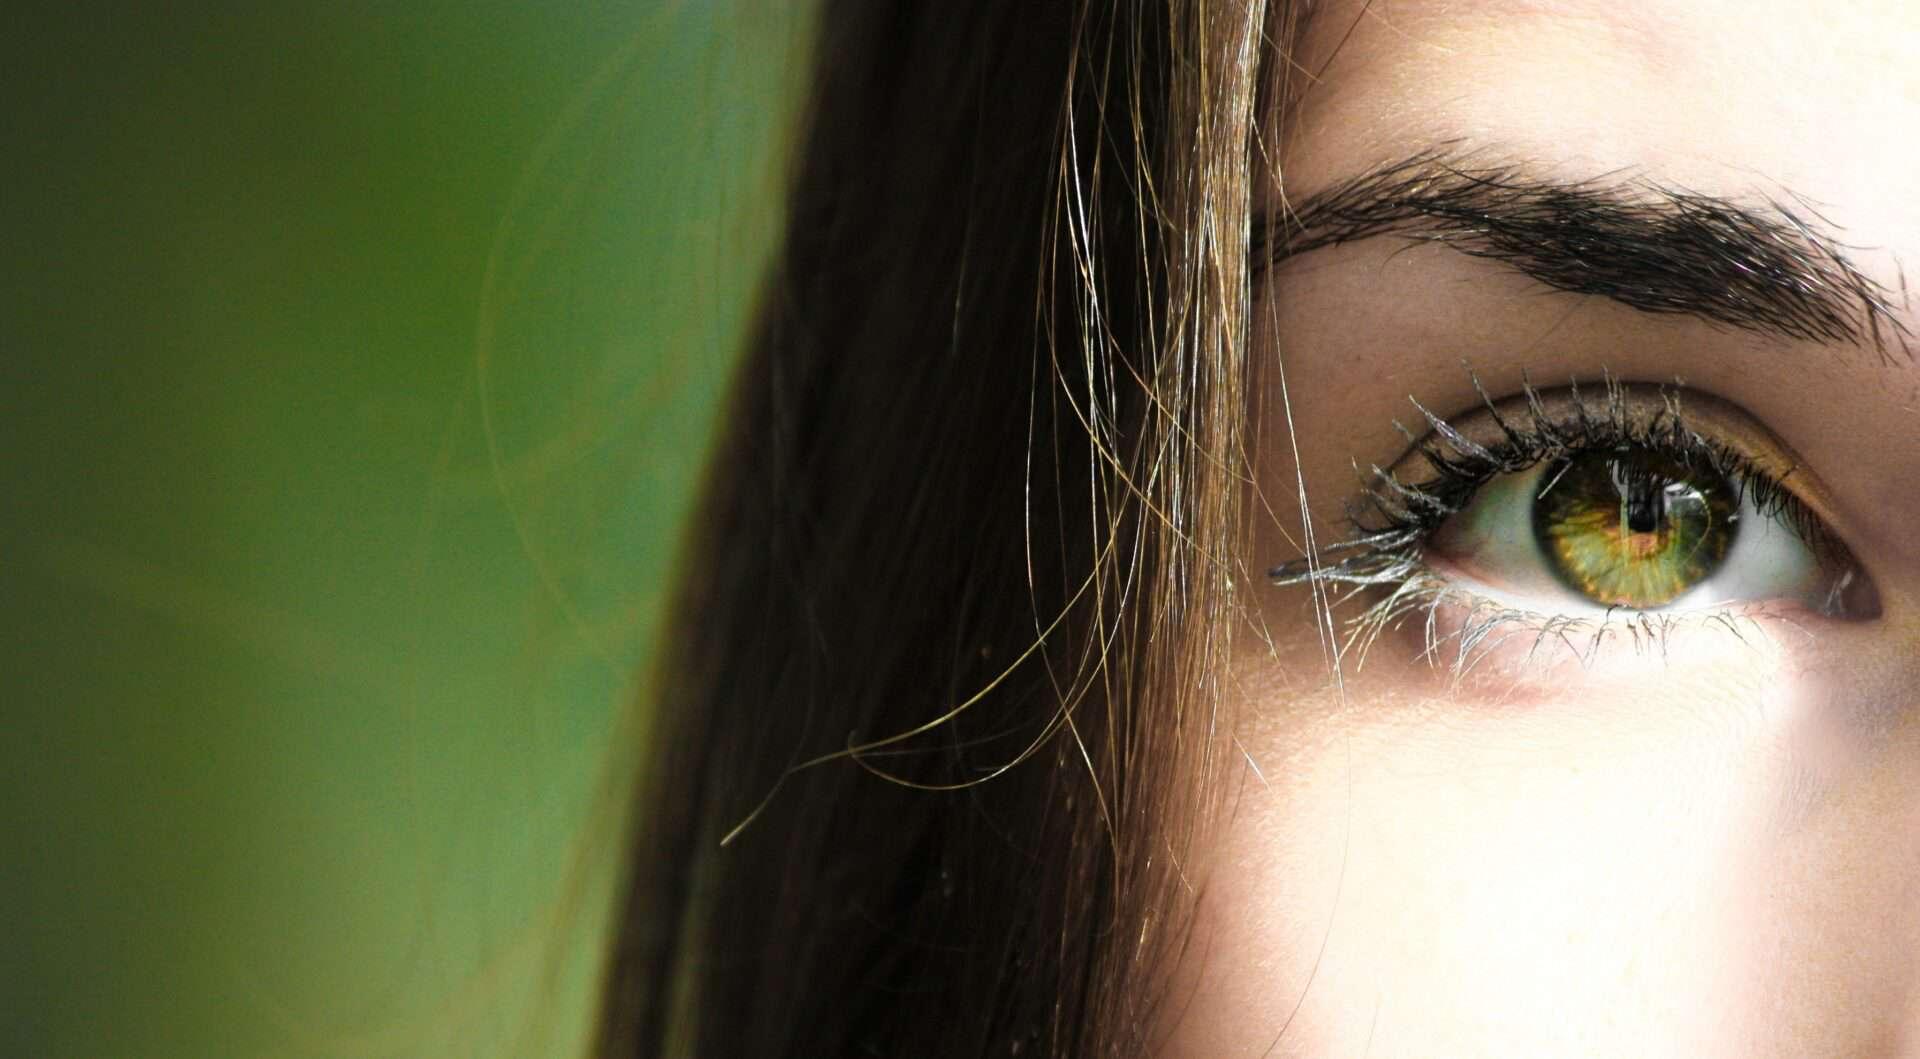 Zellspannung erhöhen & Selbstheilung aktivieren